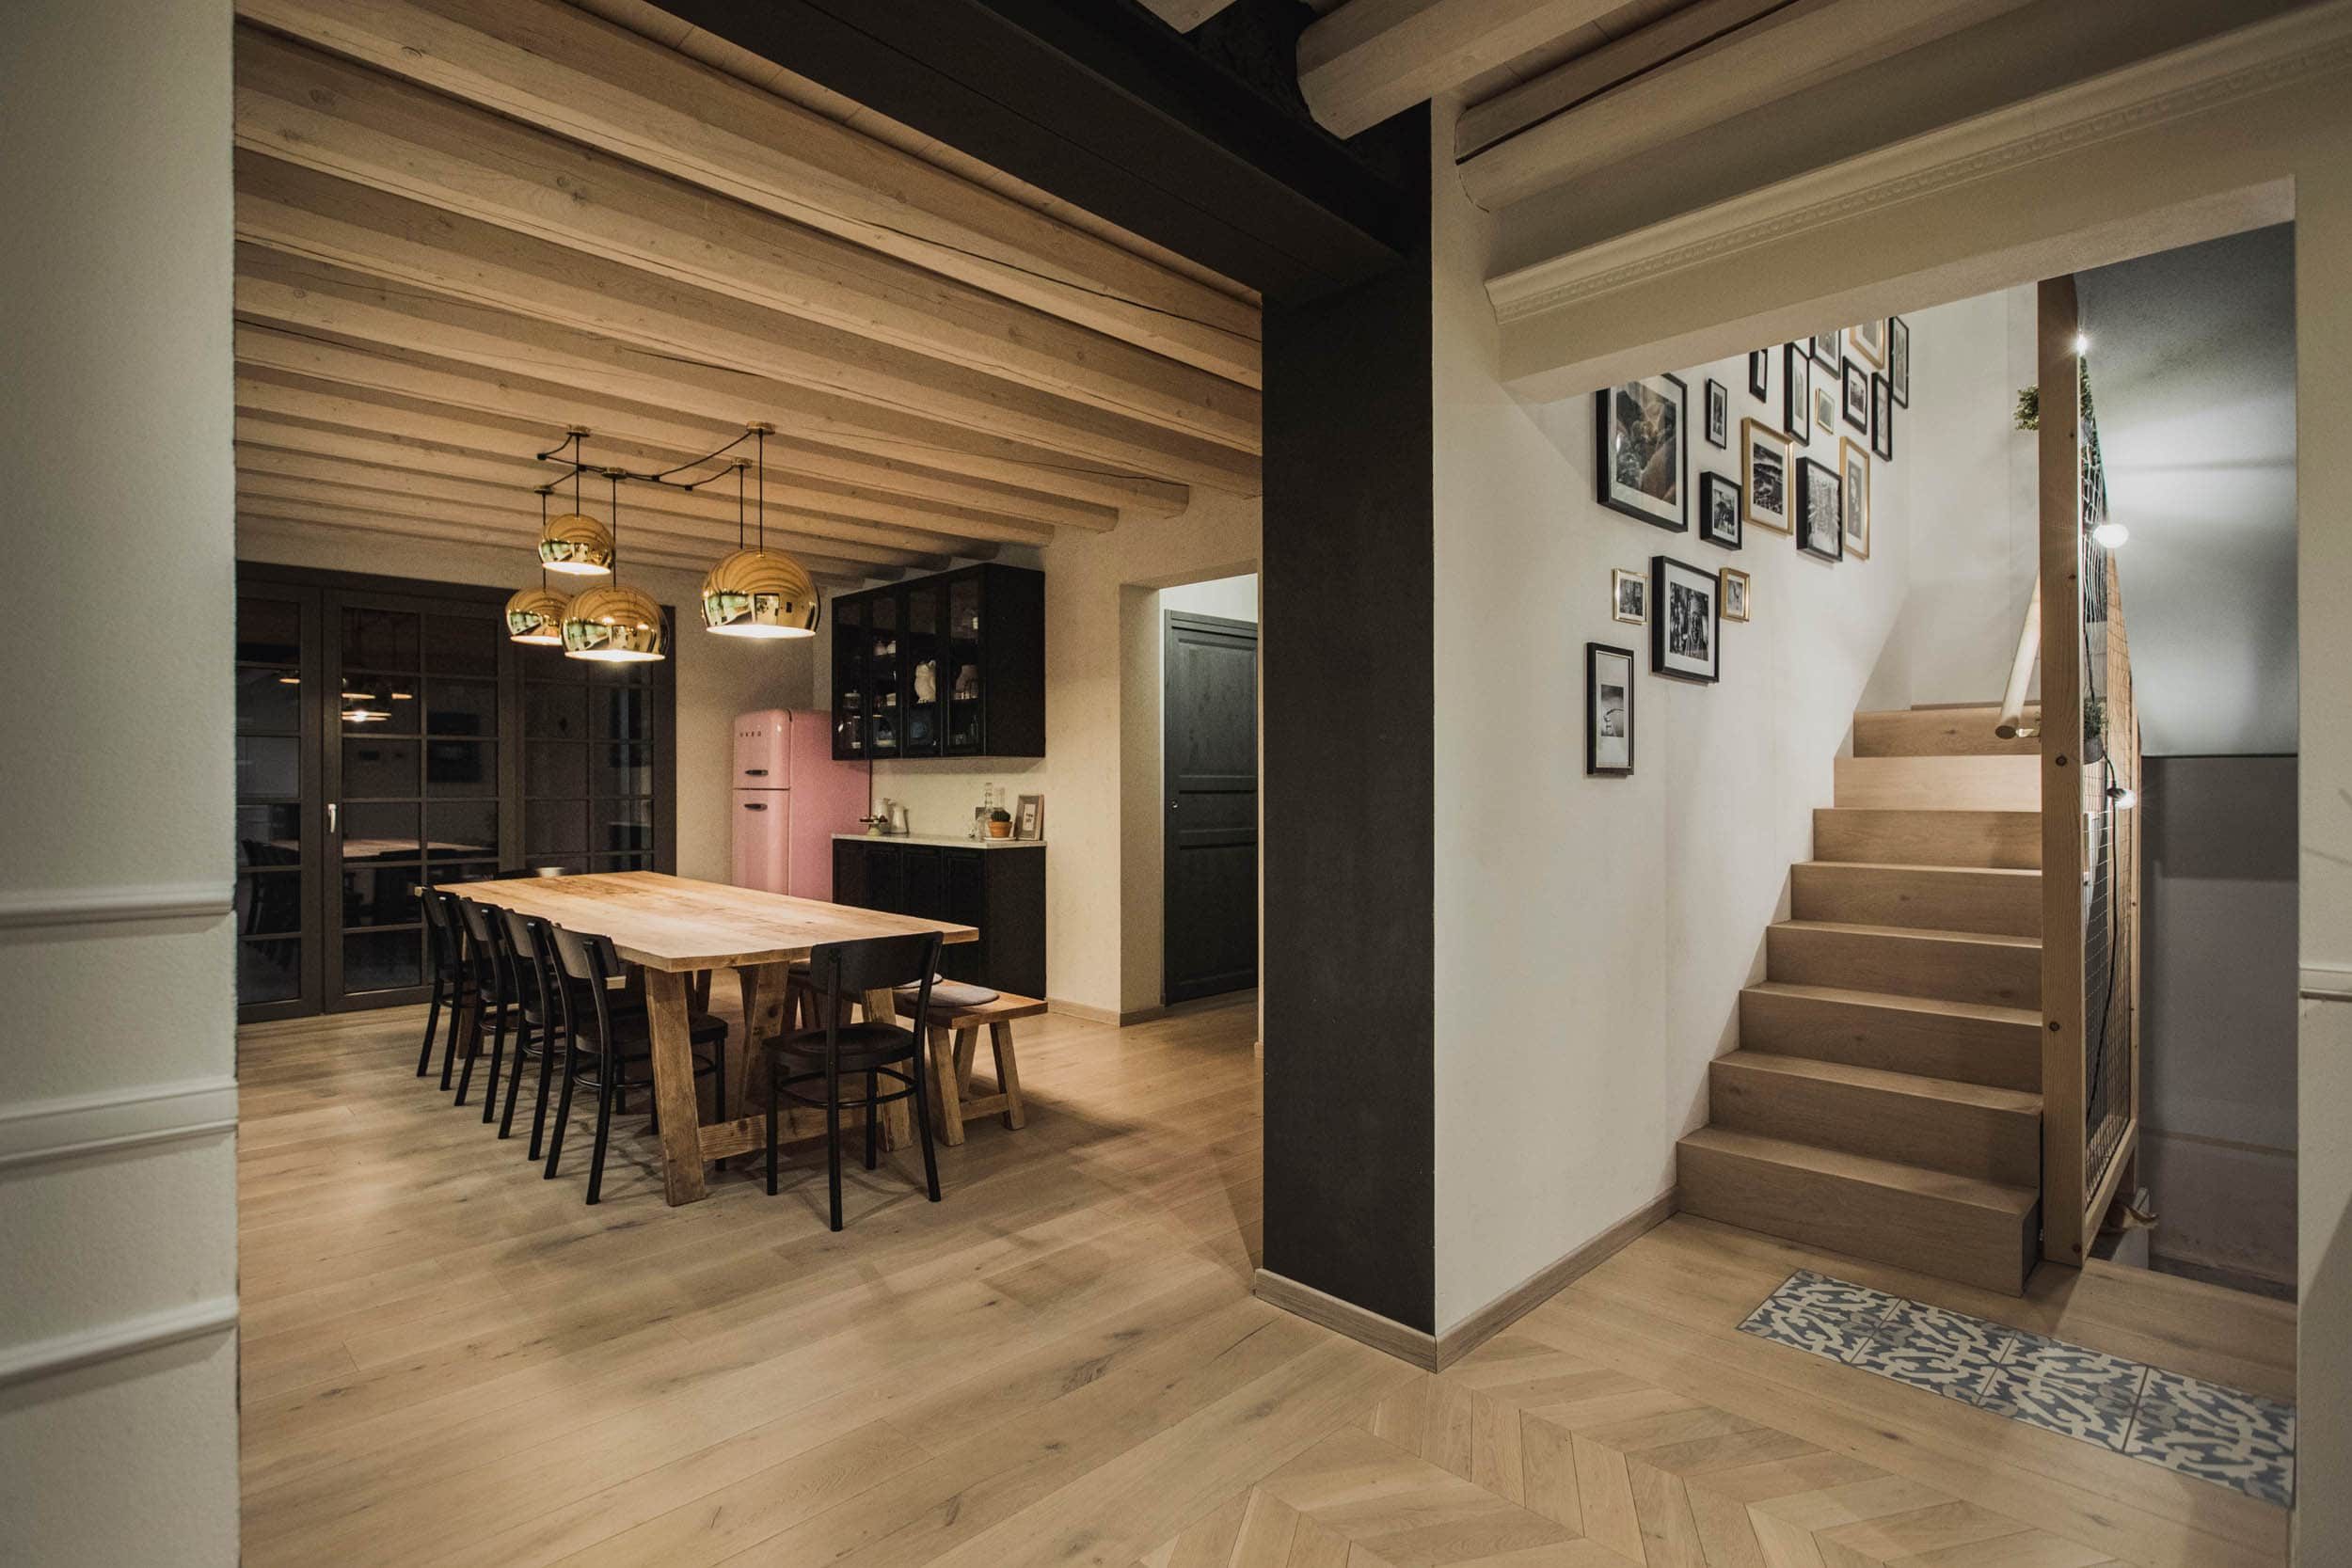 SPHERE_cucina_pranzo (3)_villa_SC_scort_lampada_design_soffitto_travi_vista_illuminazione_led